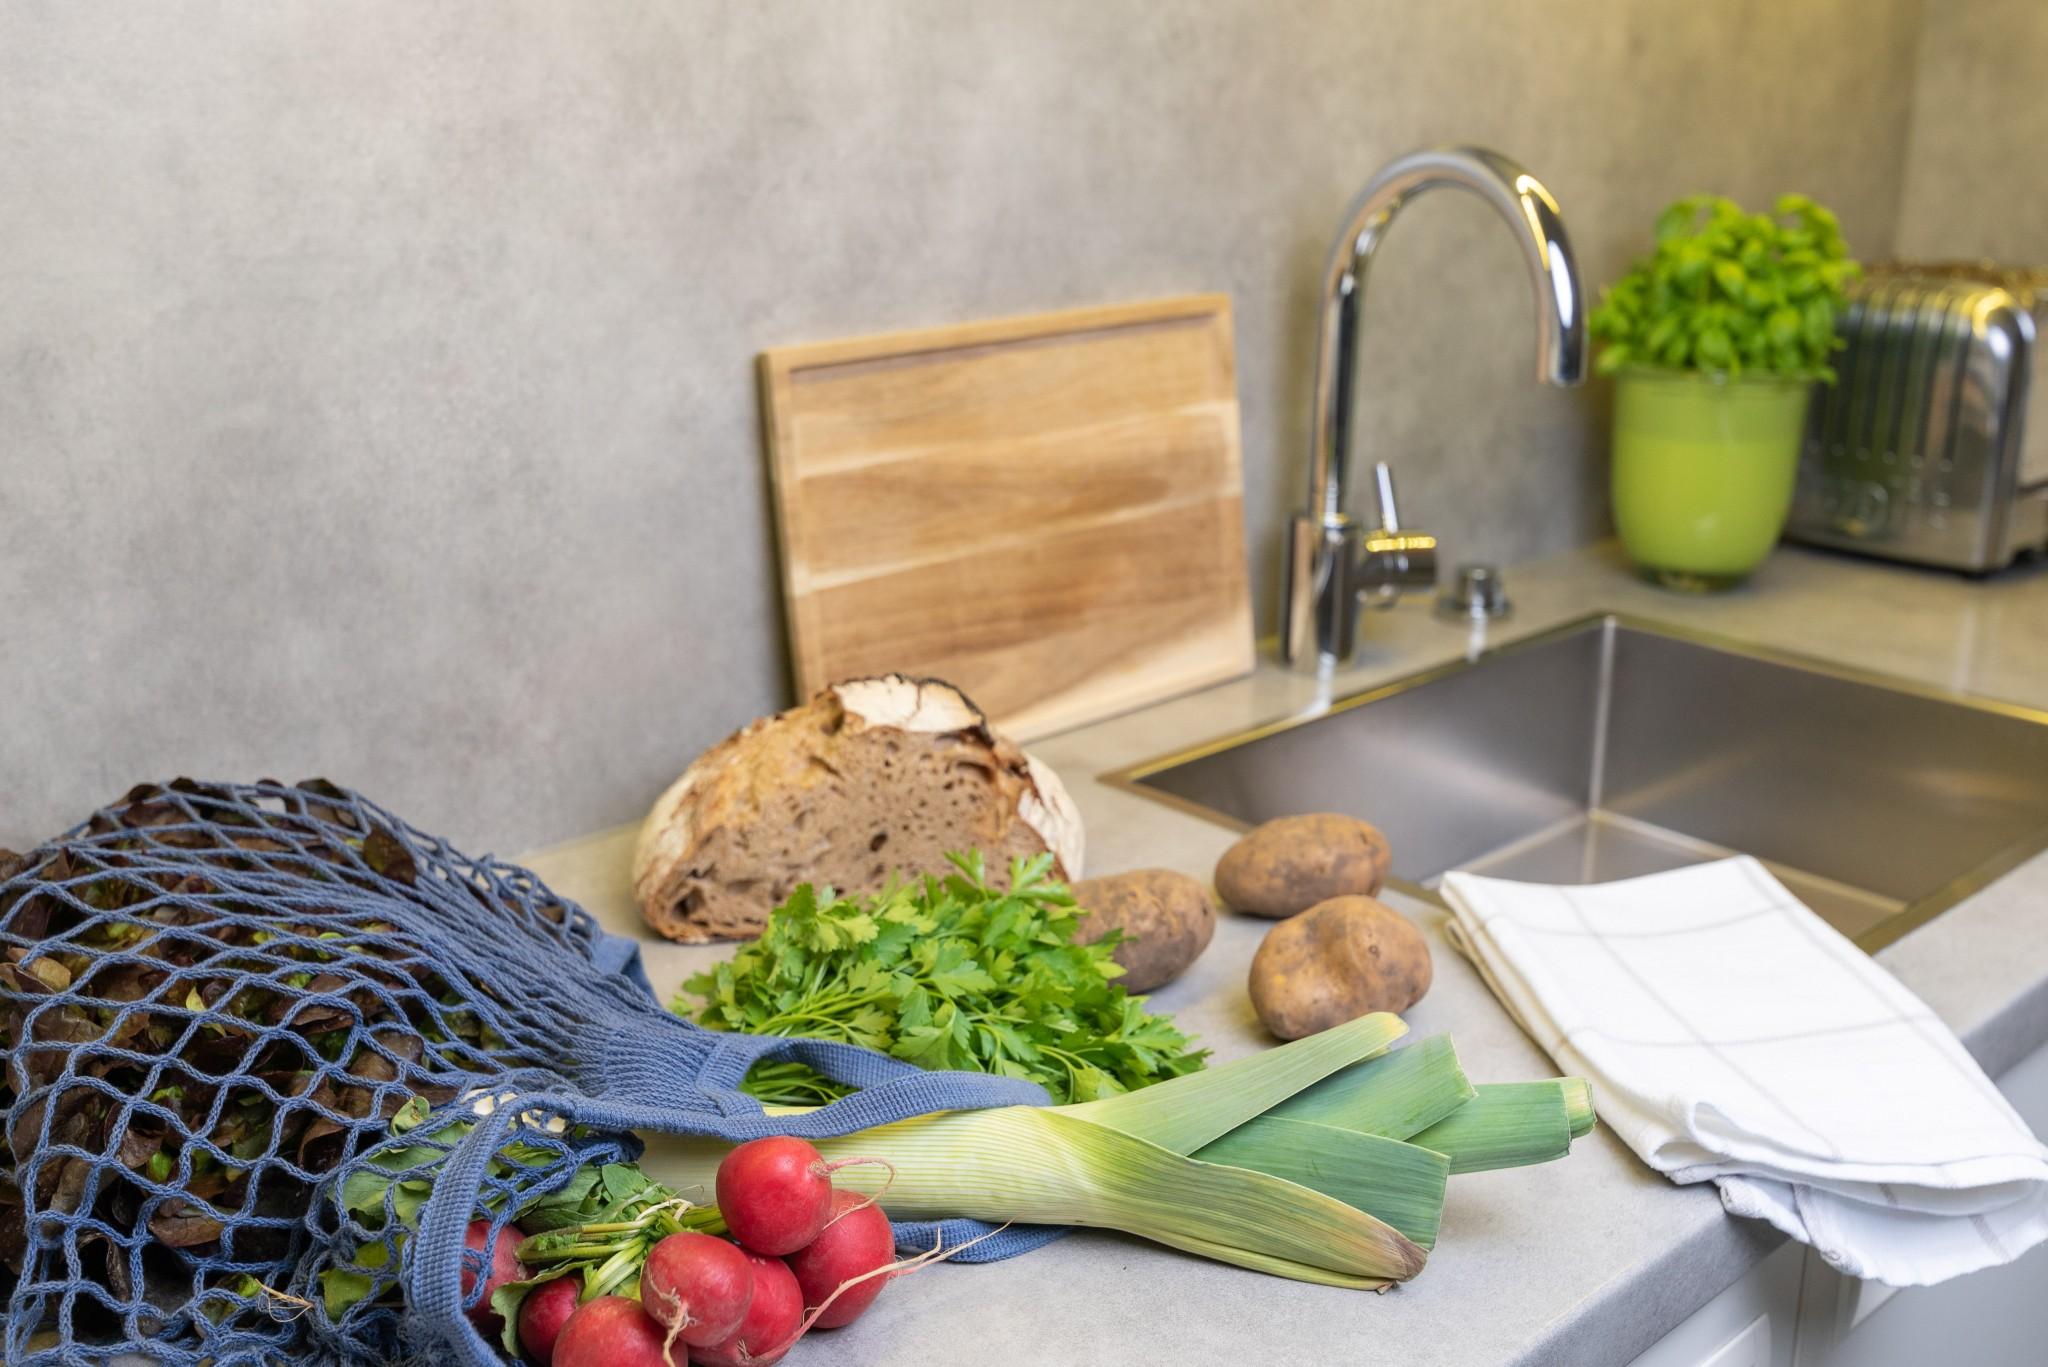 10 Tipps für mehr Nachhaltigkeit in der Küche